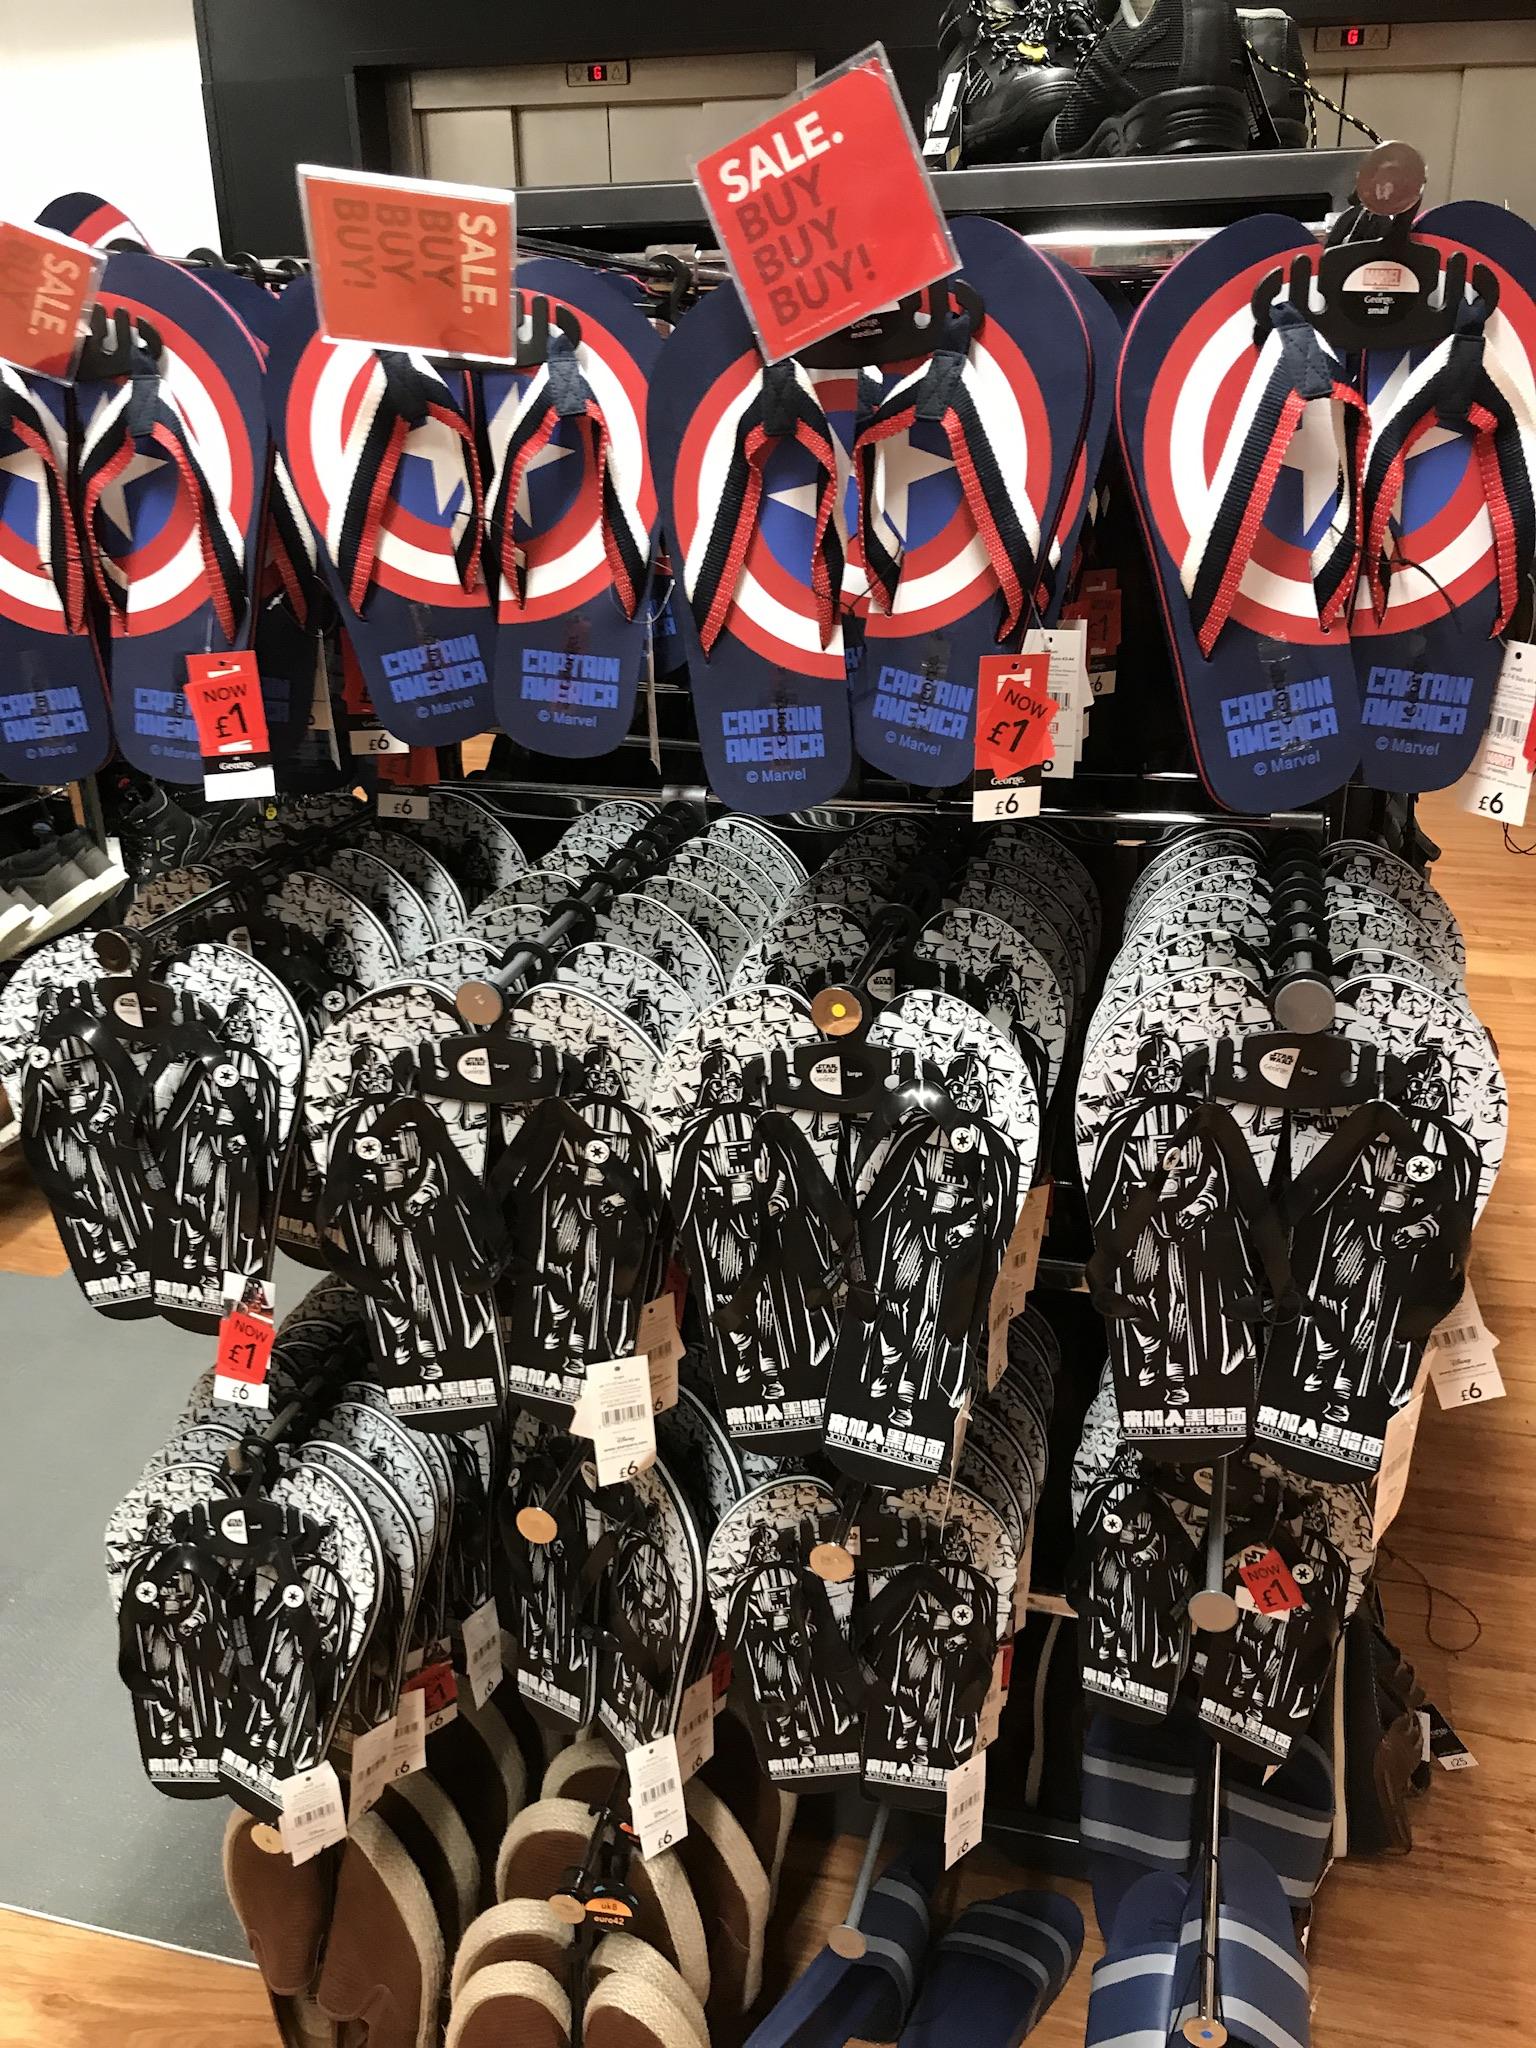 Captain America & Darth Vader flipflops £1 in Asda (Sheffield)